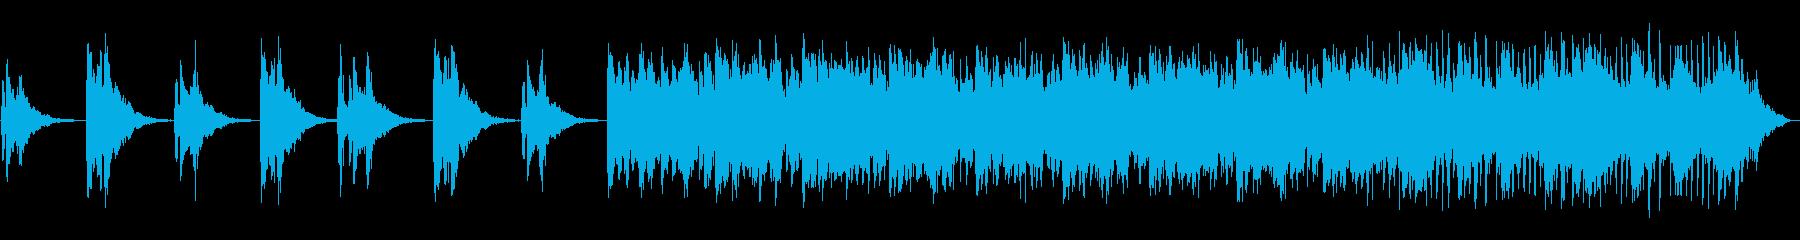 ボイスパーカッションが印象的なBGMの再生済みの波形